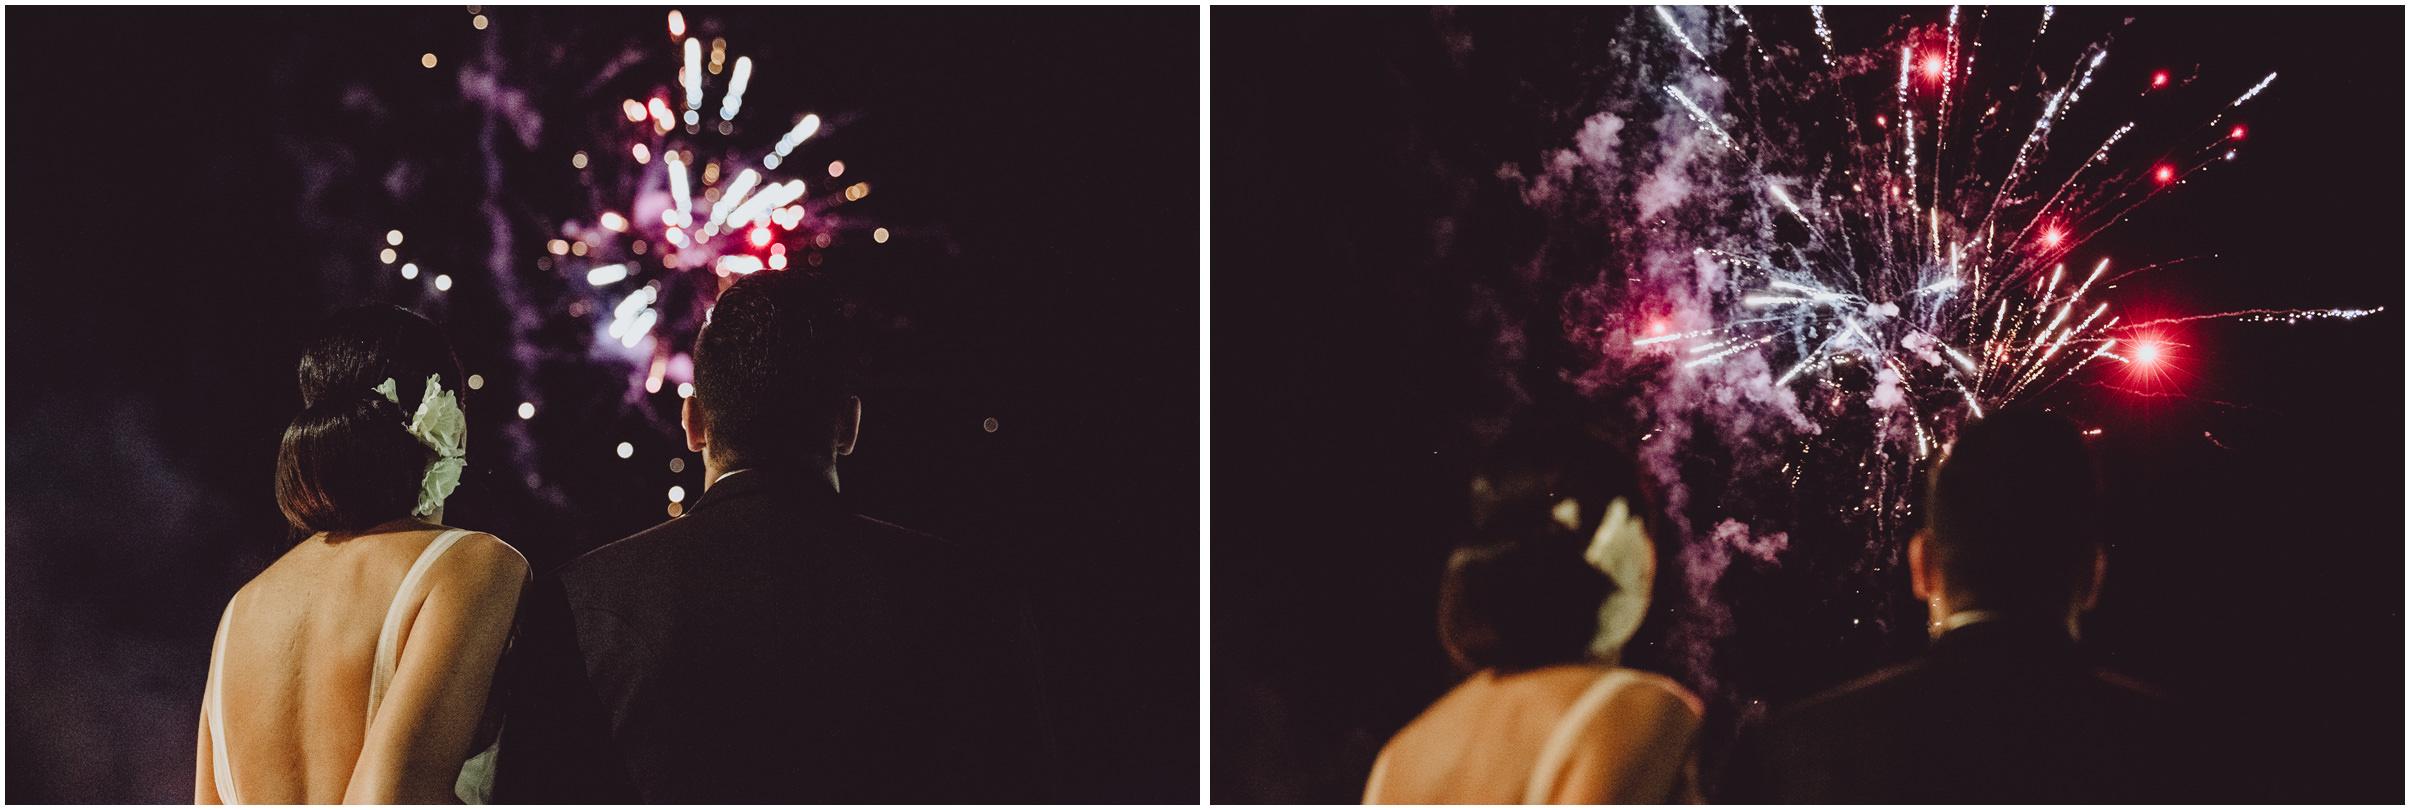 WEDDING-PHOTOGRAPHY-SARA-LORENZONI-FOTOGRAFIA-MATRIMONIO-AREZZO-TUSCANY-EVENTO-LE-SPOSE-DI-GIANNI-ELISA-LUCA066